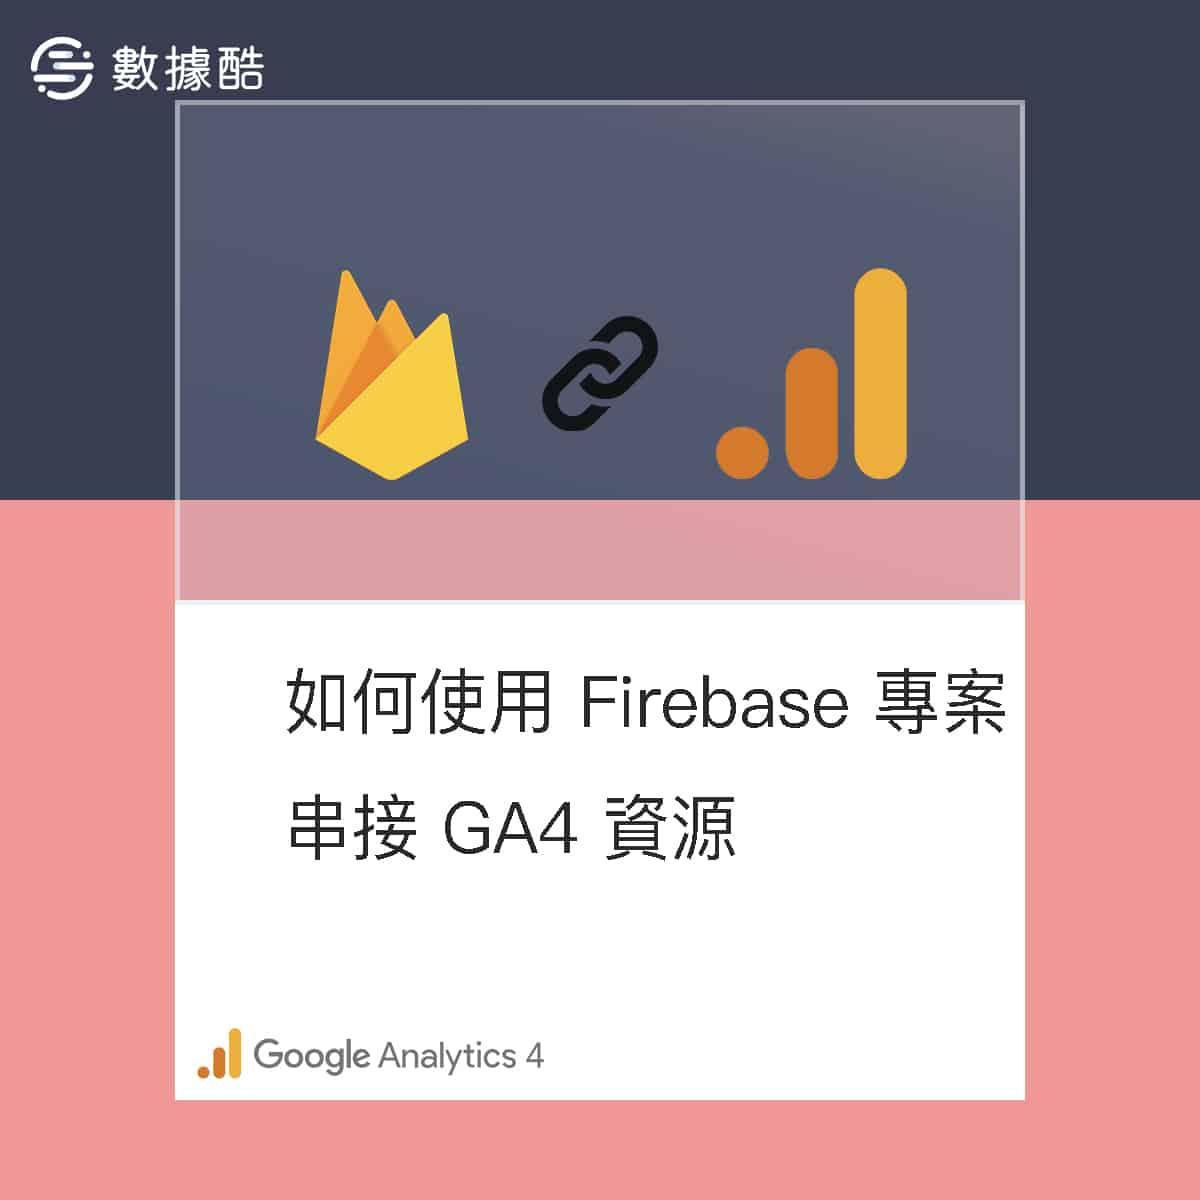 如何使用 Firebase 專案串接 Google Analytics 4 資源